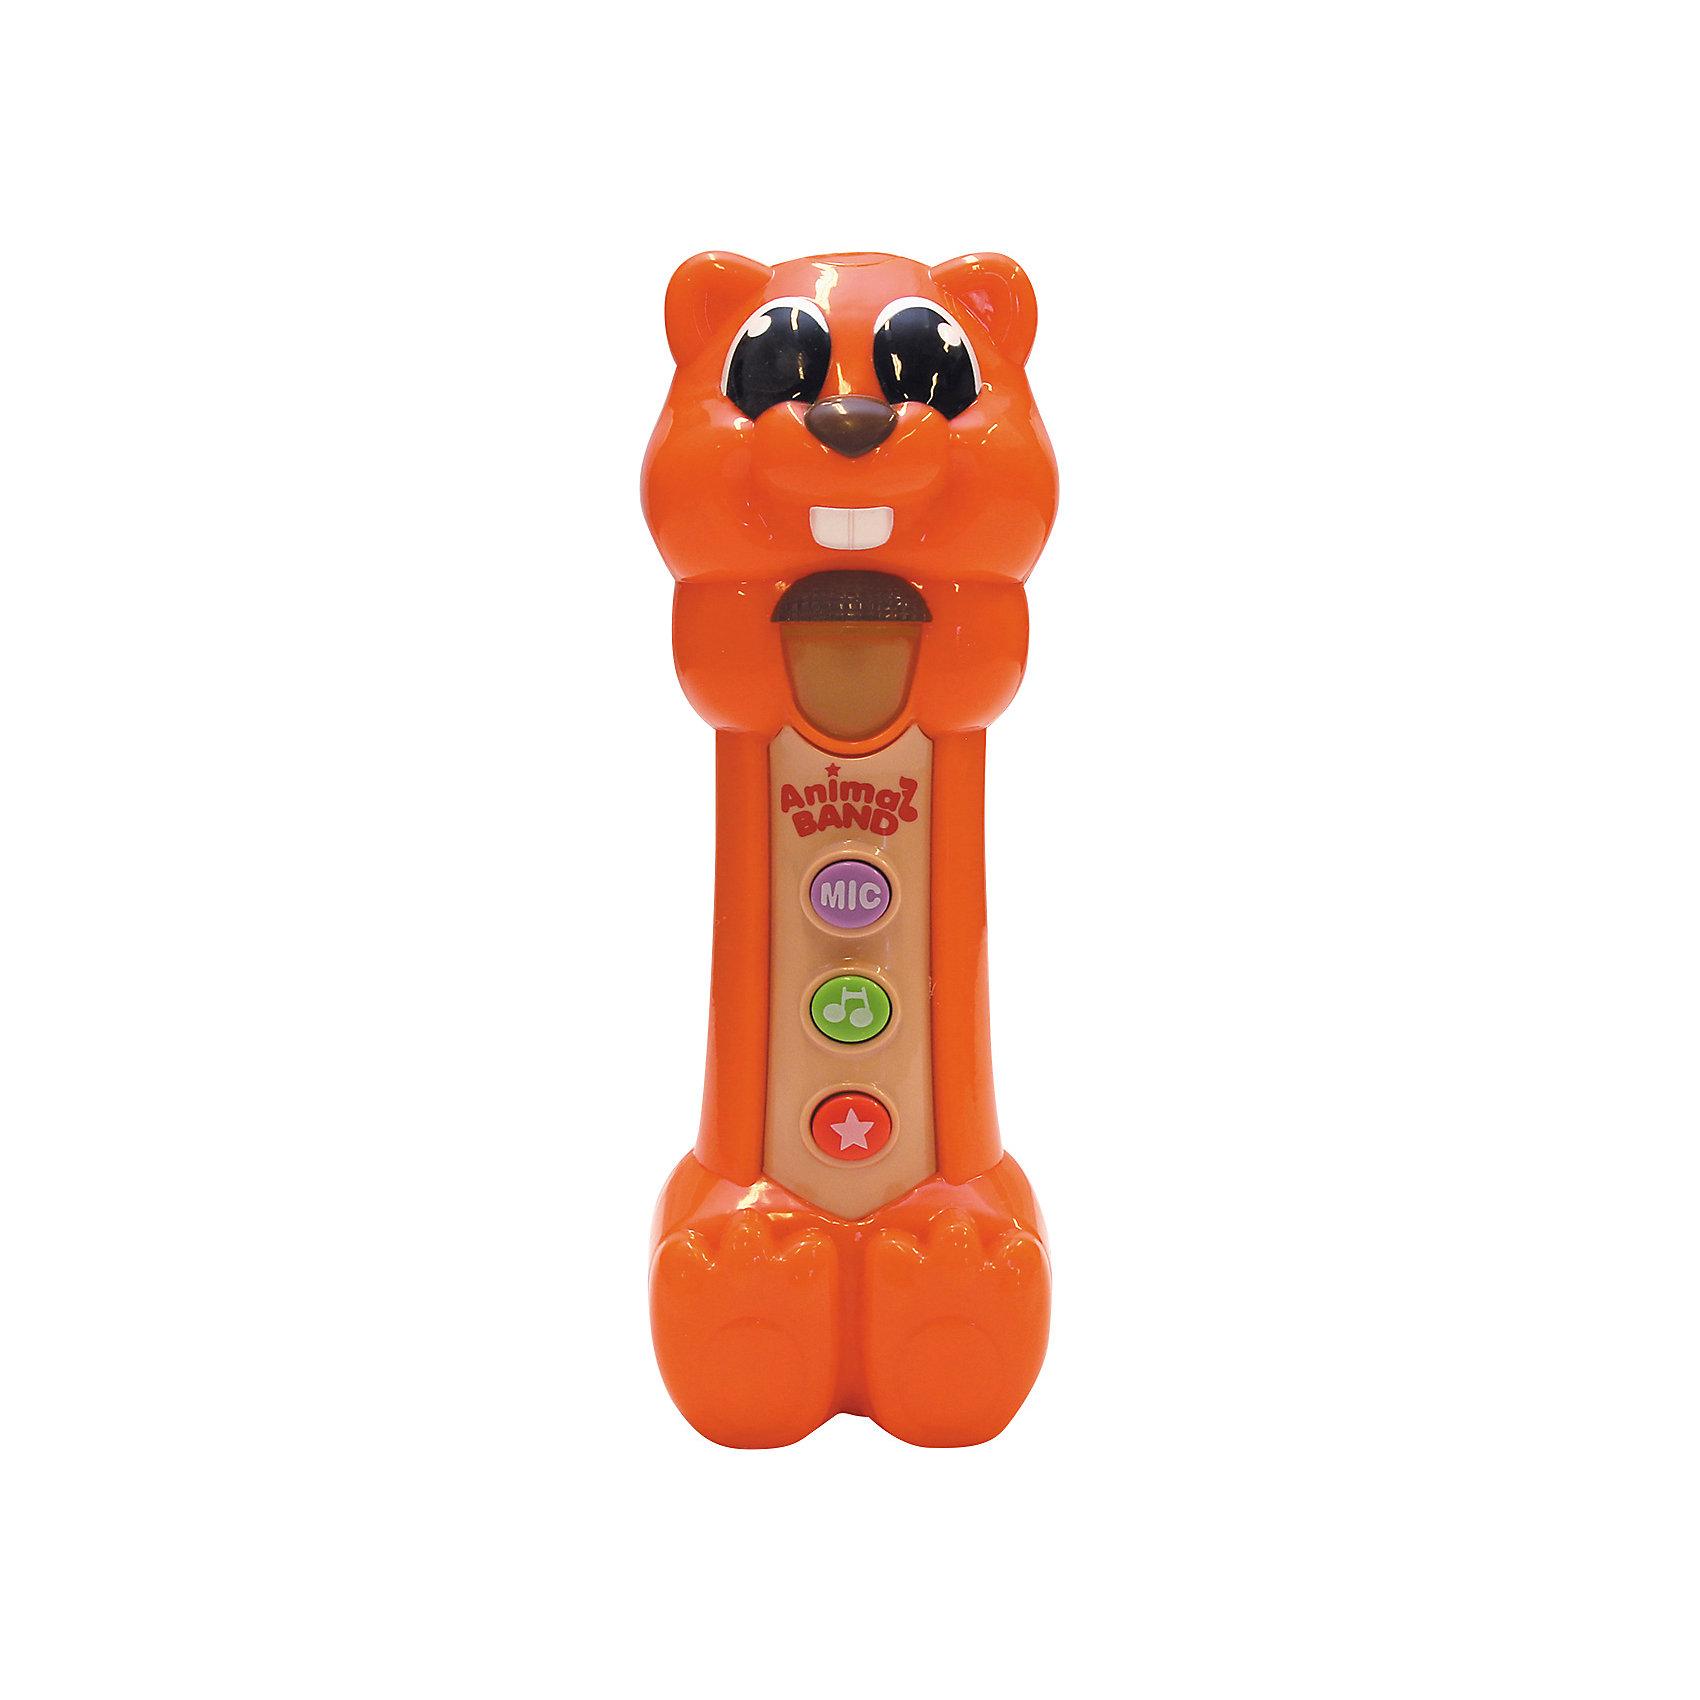 Поющая Белочка, KeenwayМузыкальная игрушка Поющая Белочка от  Keenway - отличный подарок ребенку. Это красочная игрушка, которая обязательно понравится малышу. Она выполнена в виде забавной белки. Нажав на зеленую кнопку на животе игрушки, ребенок услышит веселые песенки, а если нажмет на красную кнопочку - то забавные звуки. При этом звуки сопровождаются световыми эффектами. <br>Игрушка по габаритам идеально подходит для маленьких ручек малыша. Весит совсем немного. Такие игрушки помогают развить мелкую моторику, логическое мышление и воображение ребенка. Эта игрушка выполнена из высококачественного прочного пластика, безопасного для детей.<br>  <br>Дополнительная информация:<br><br>цвет: разноцветный;<br>материал: пластик;<br>размер упаковки: 21х10х13 см;<br>батарейки: 3ХхАА, в комплекте.<br><br>Игрушку Поющая Белочка от компании Keenway можно купить в нашем магазине.<br><br>Ширина мм: 420<br>Глубина мм: 220<br>Высота мм: 150<br>Вес г: 1225<br>Возраст от месяцев: 36<br>Возраст до месяцев: 120<br>Пол: Унисекс<br>Возраст: Детский<br>SKU: 4810985